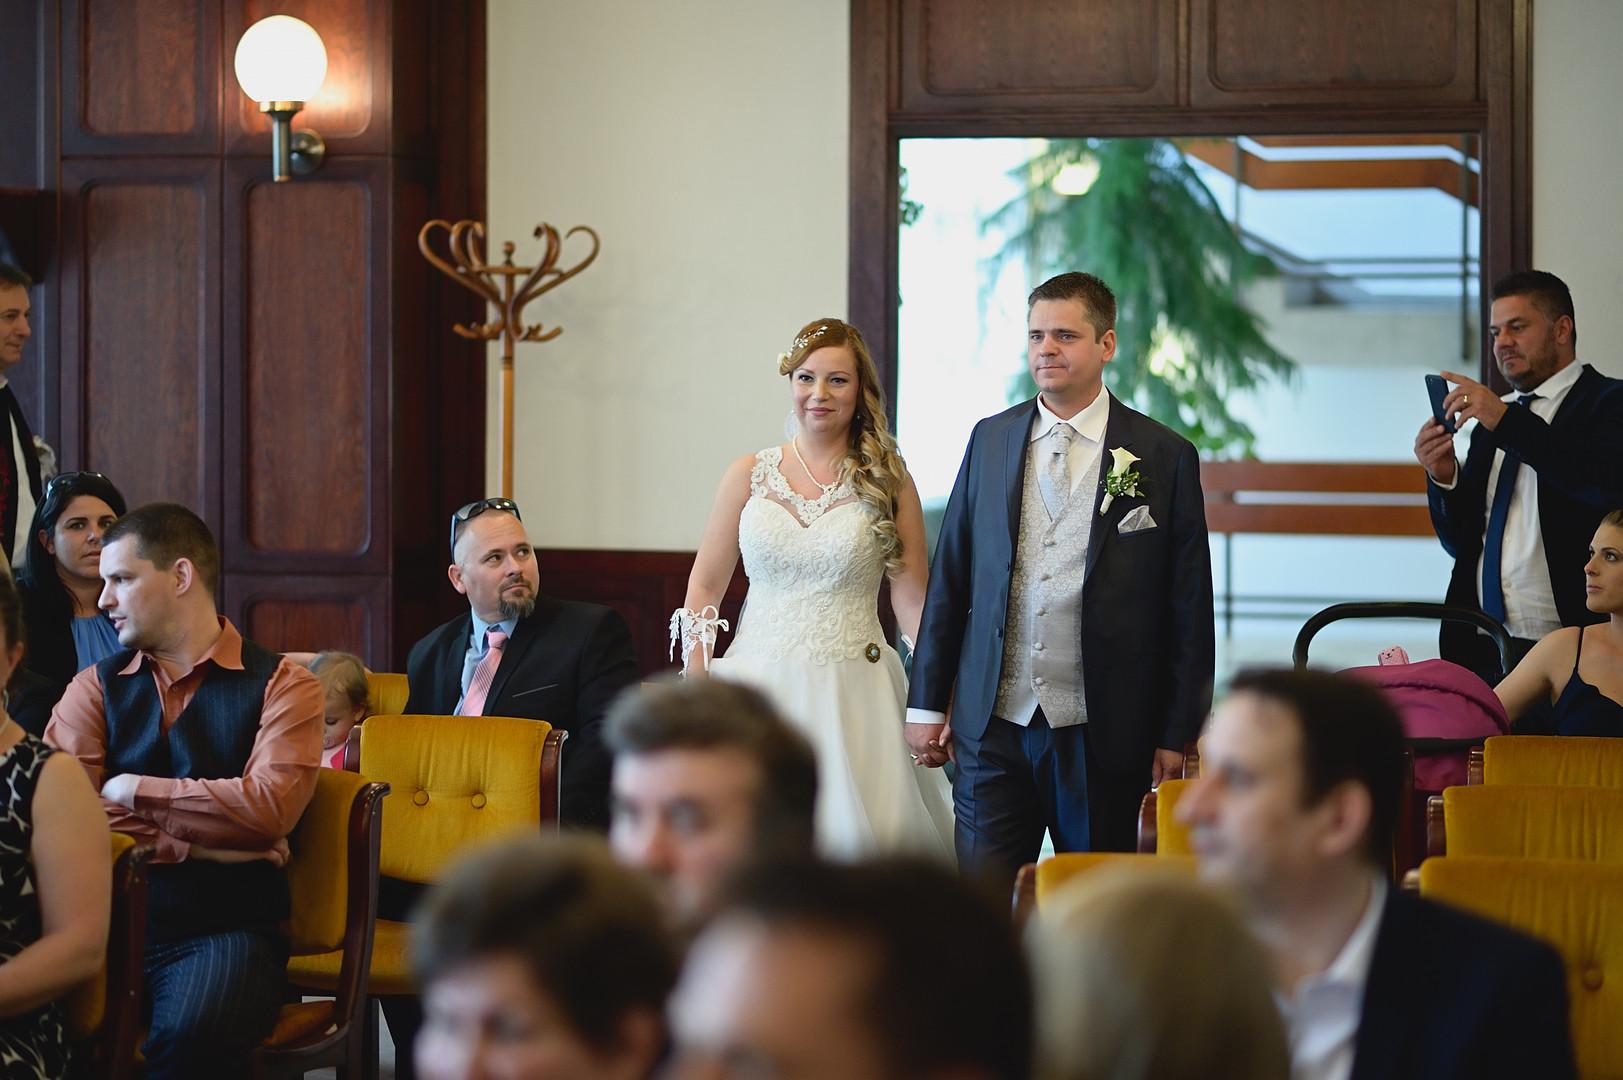 030 Esküvői fotózás - Enikő és Peti.jpg